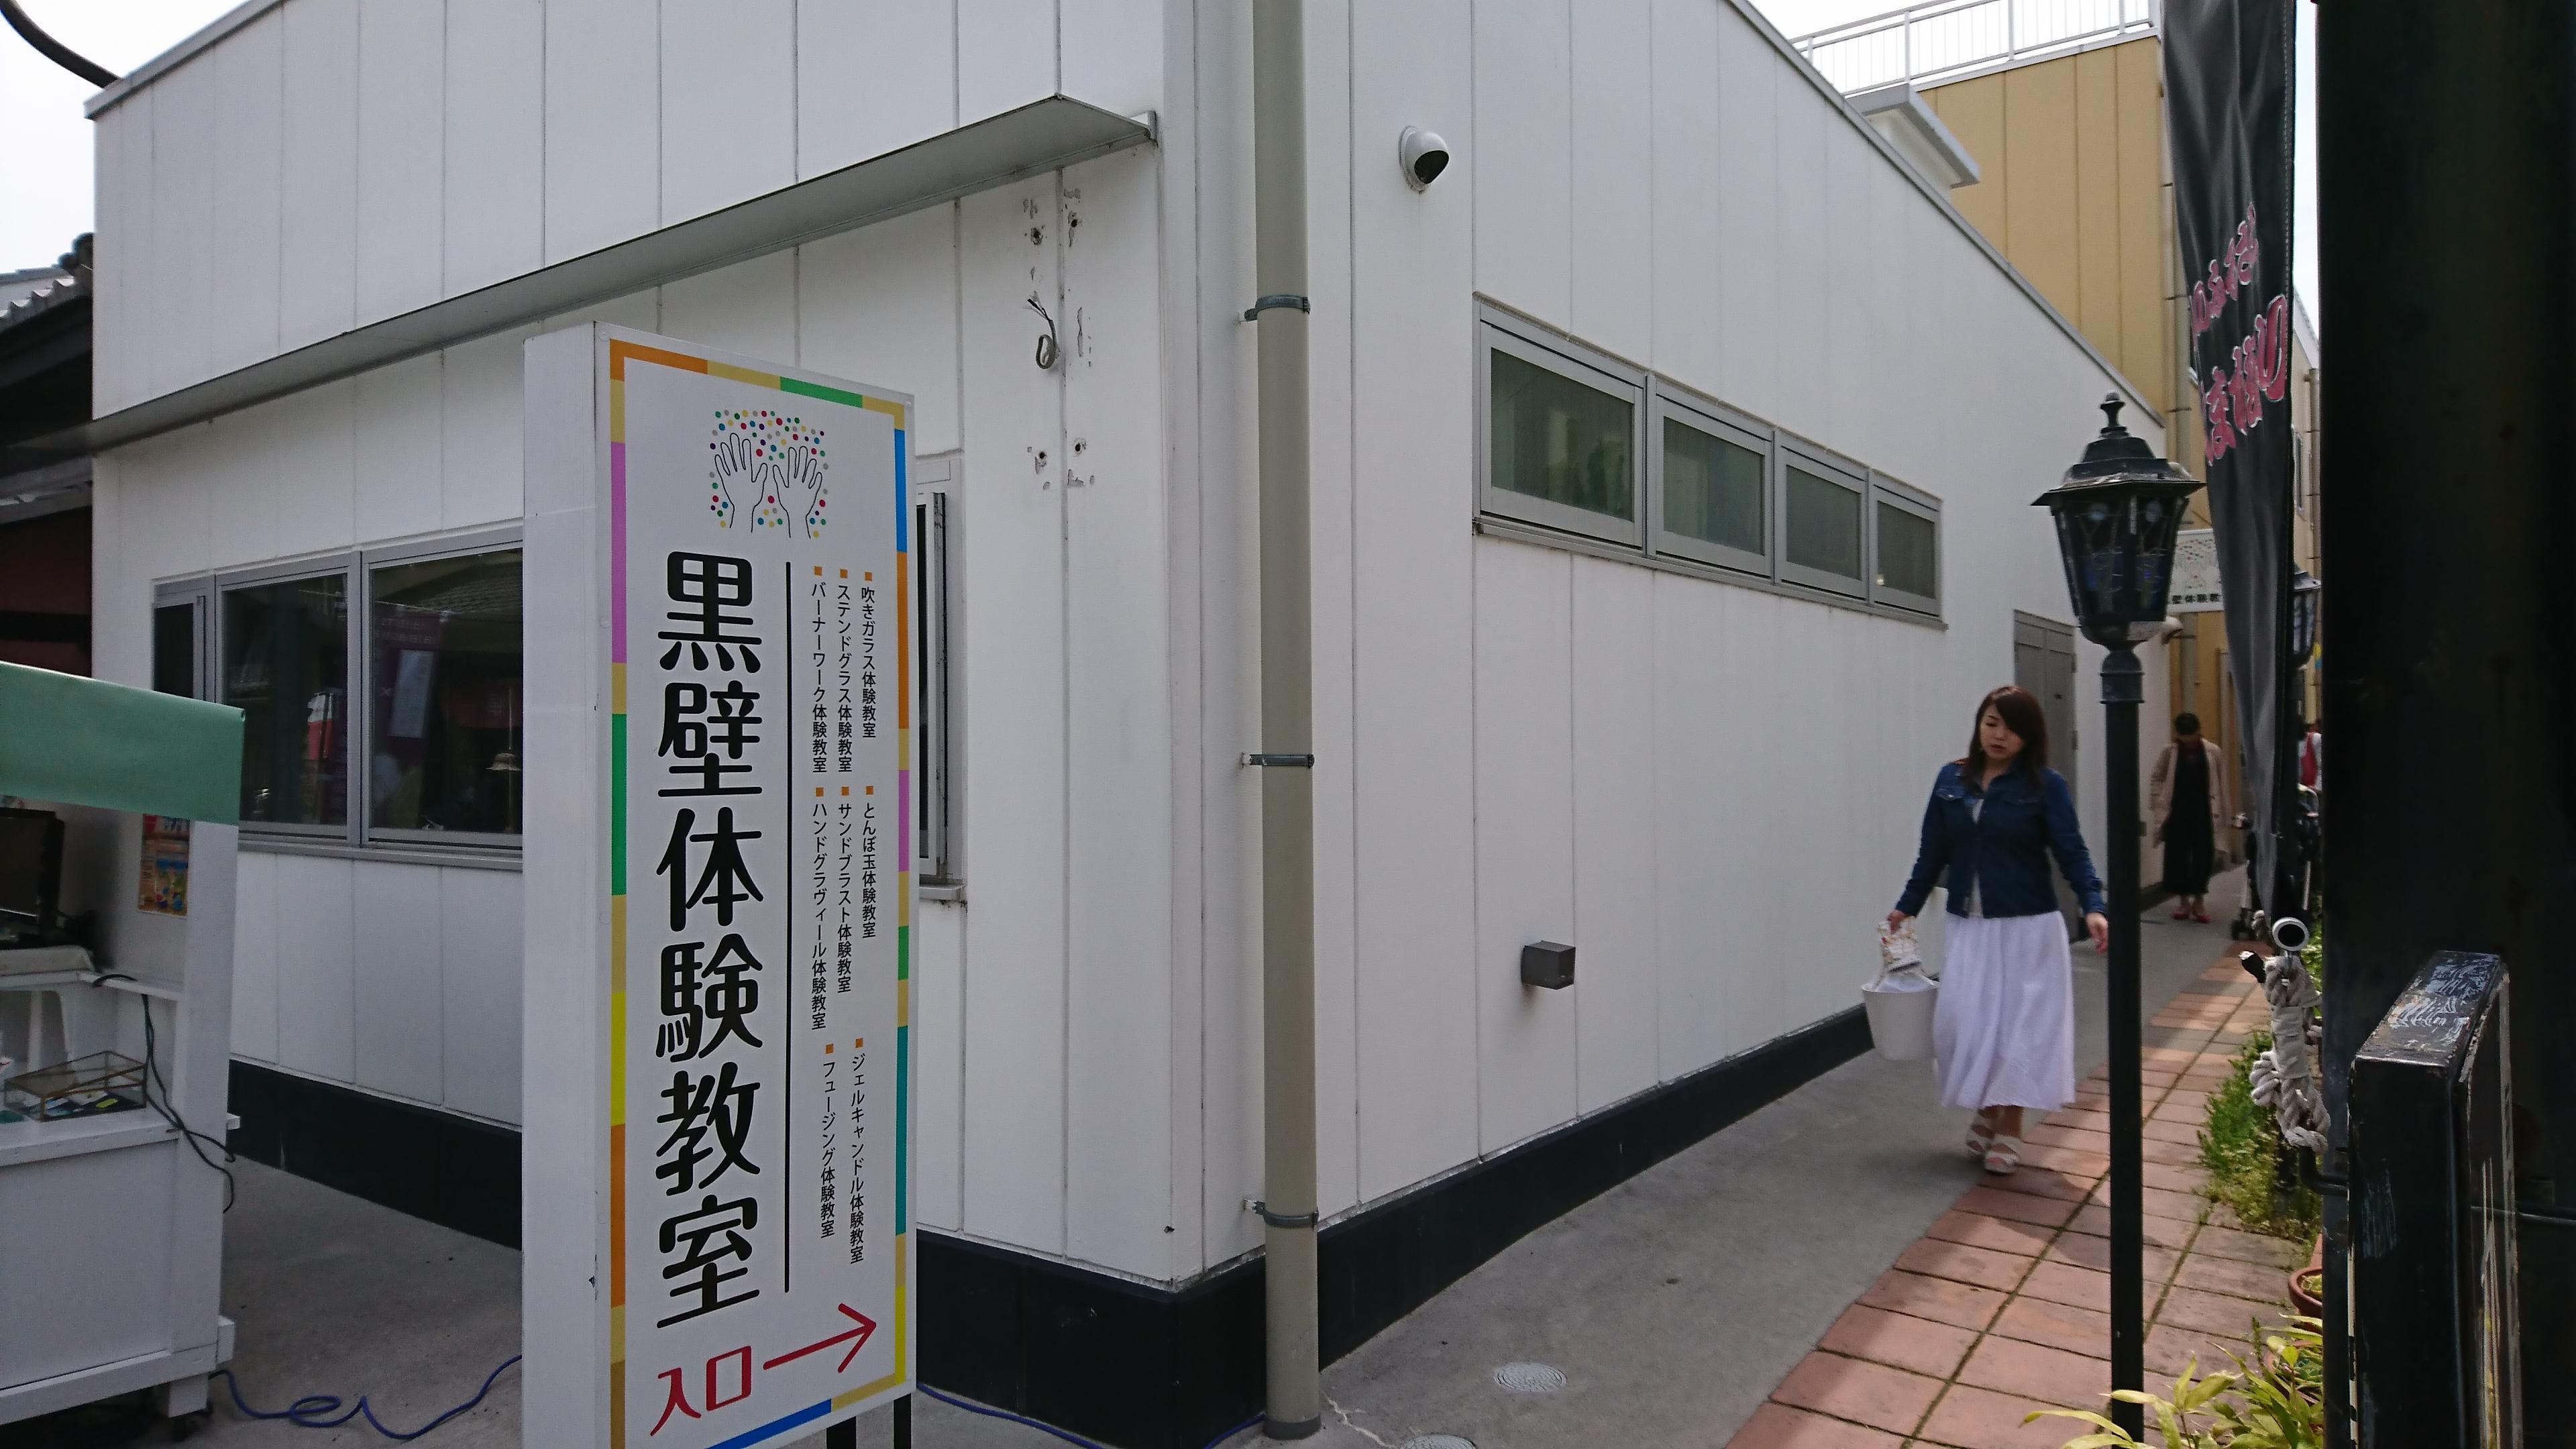 スクエア 黒 壁